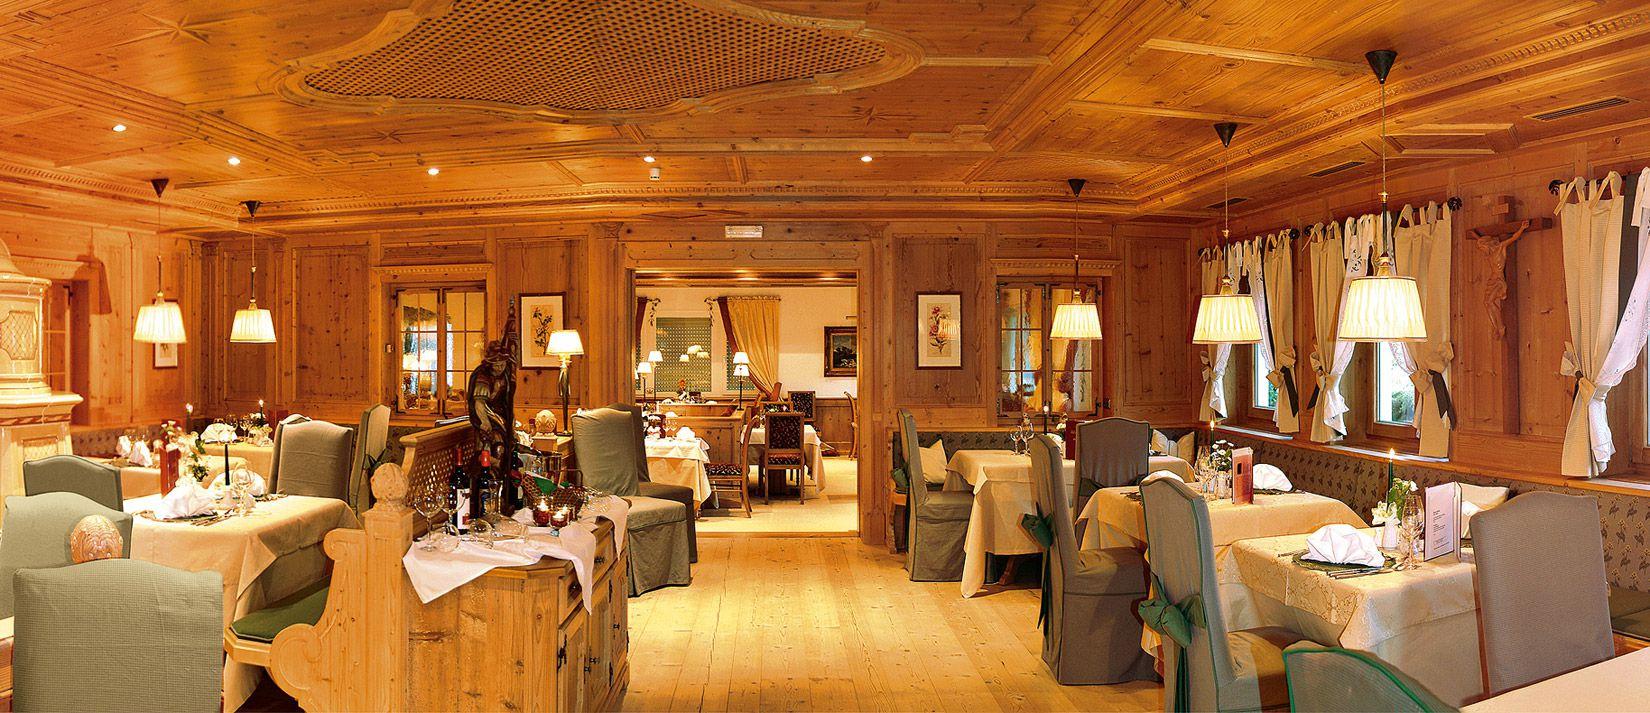 Sterne Hotel Schenna